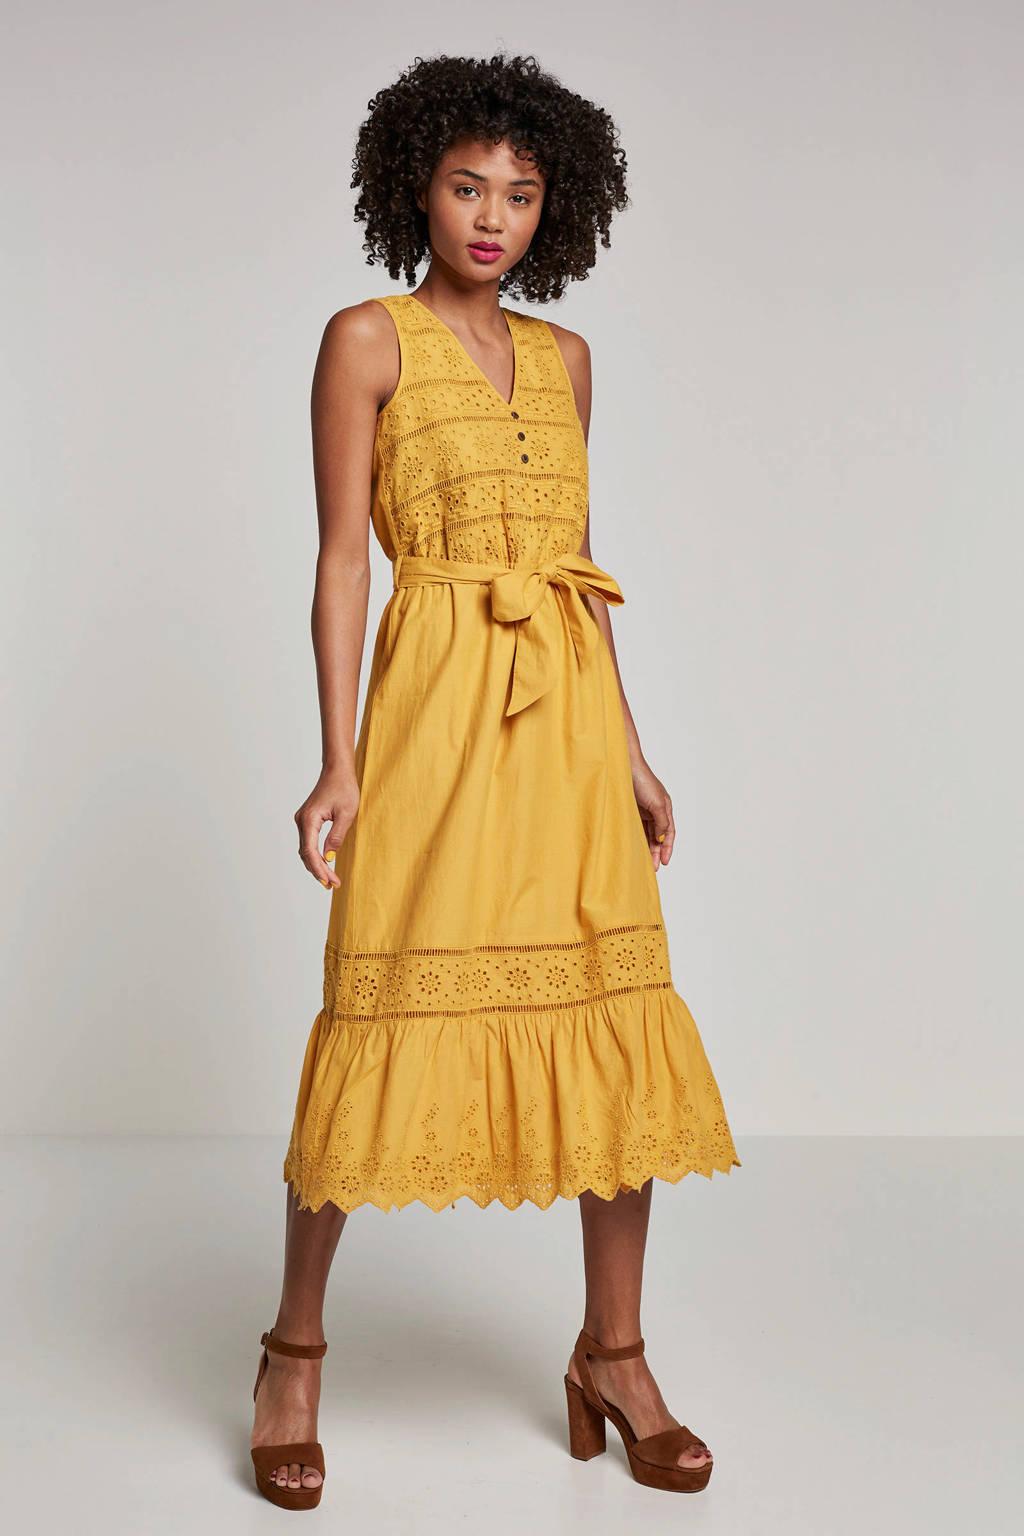 ESPRIT Women Casual jurk geel, Geel